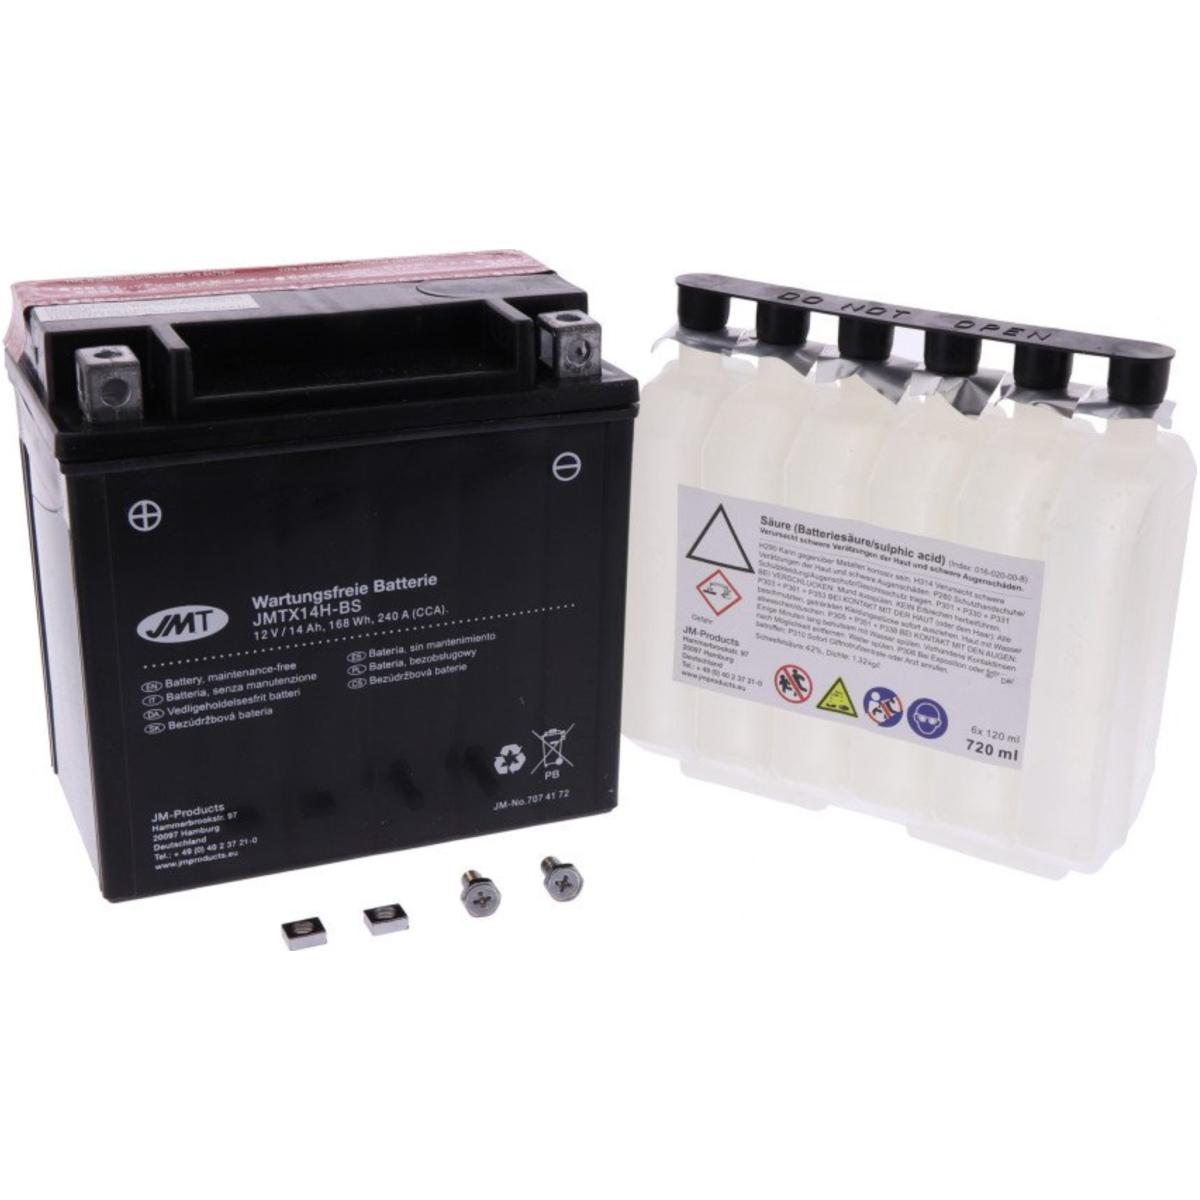 Roller Batterie YTX14H-Bs JMT JMTX14H-BS ACID